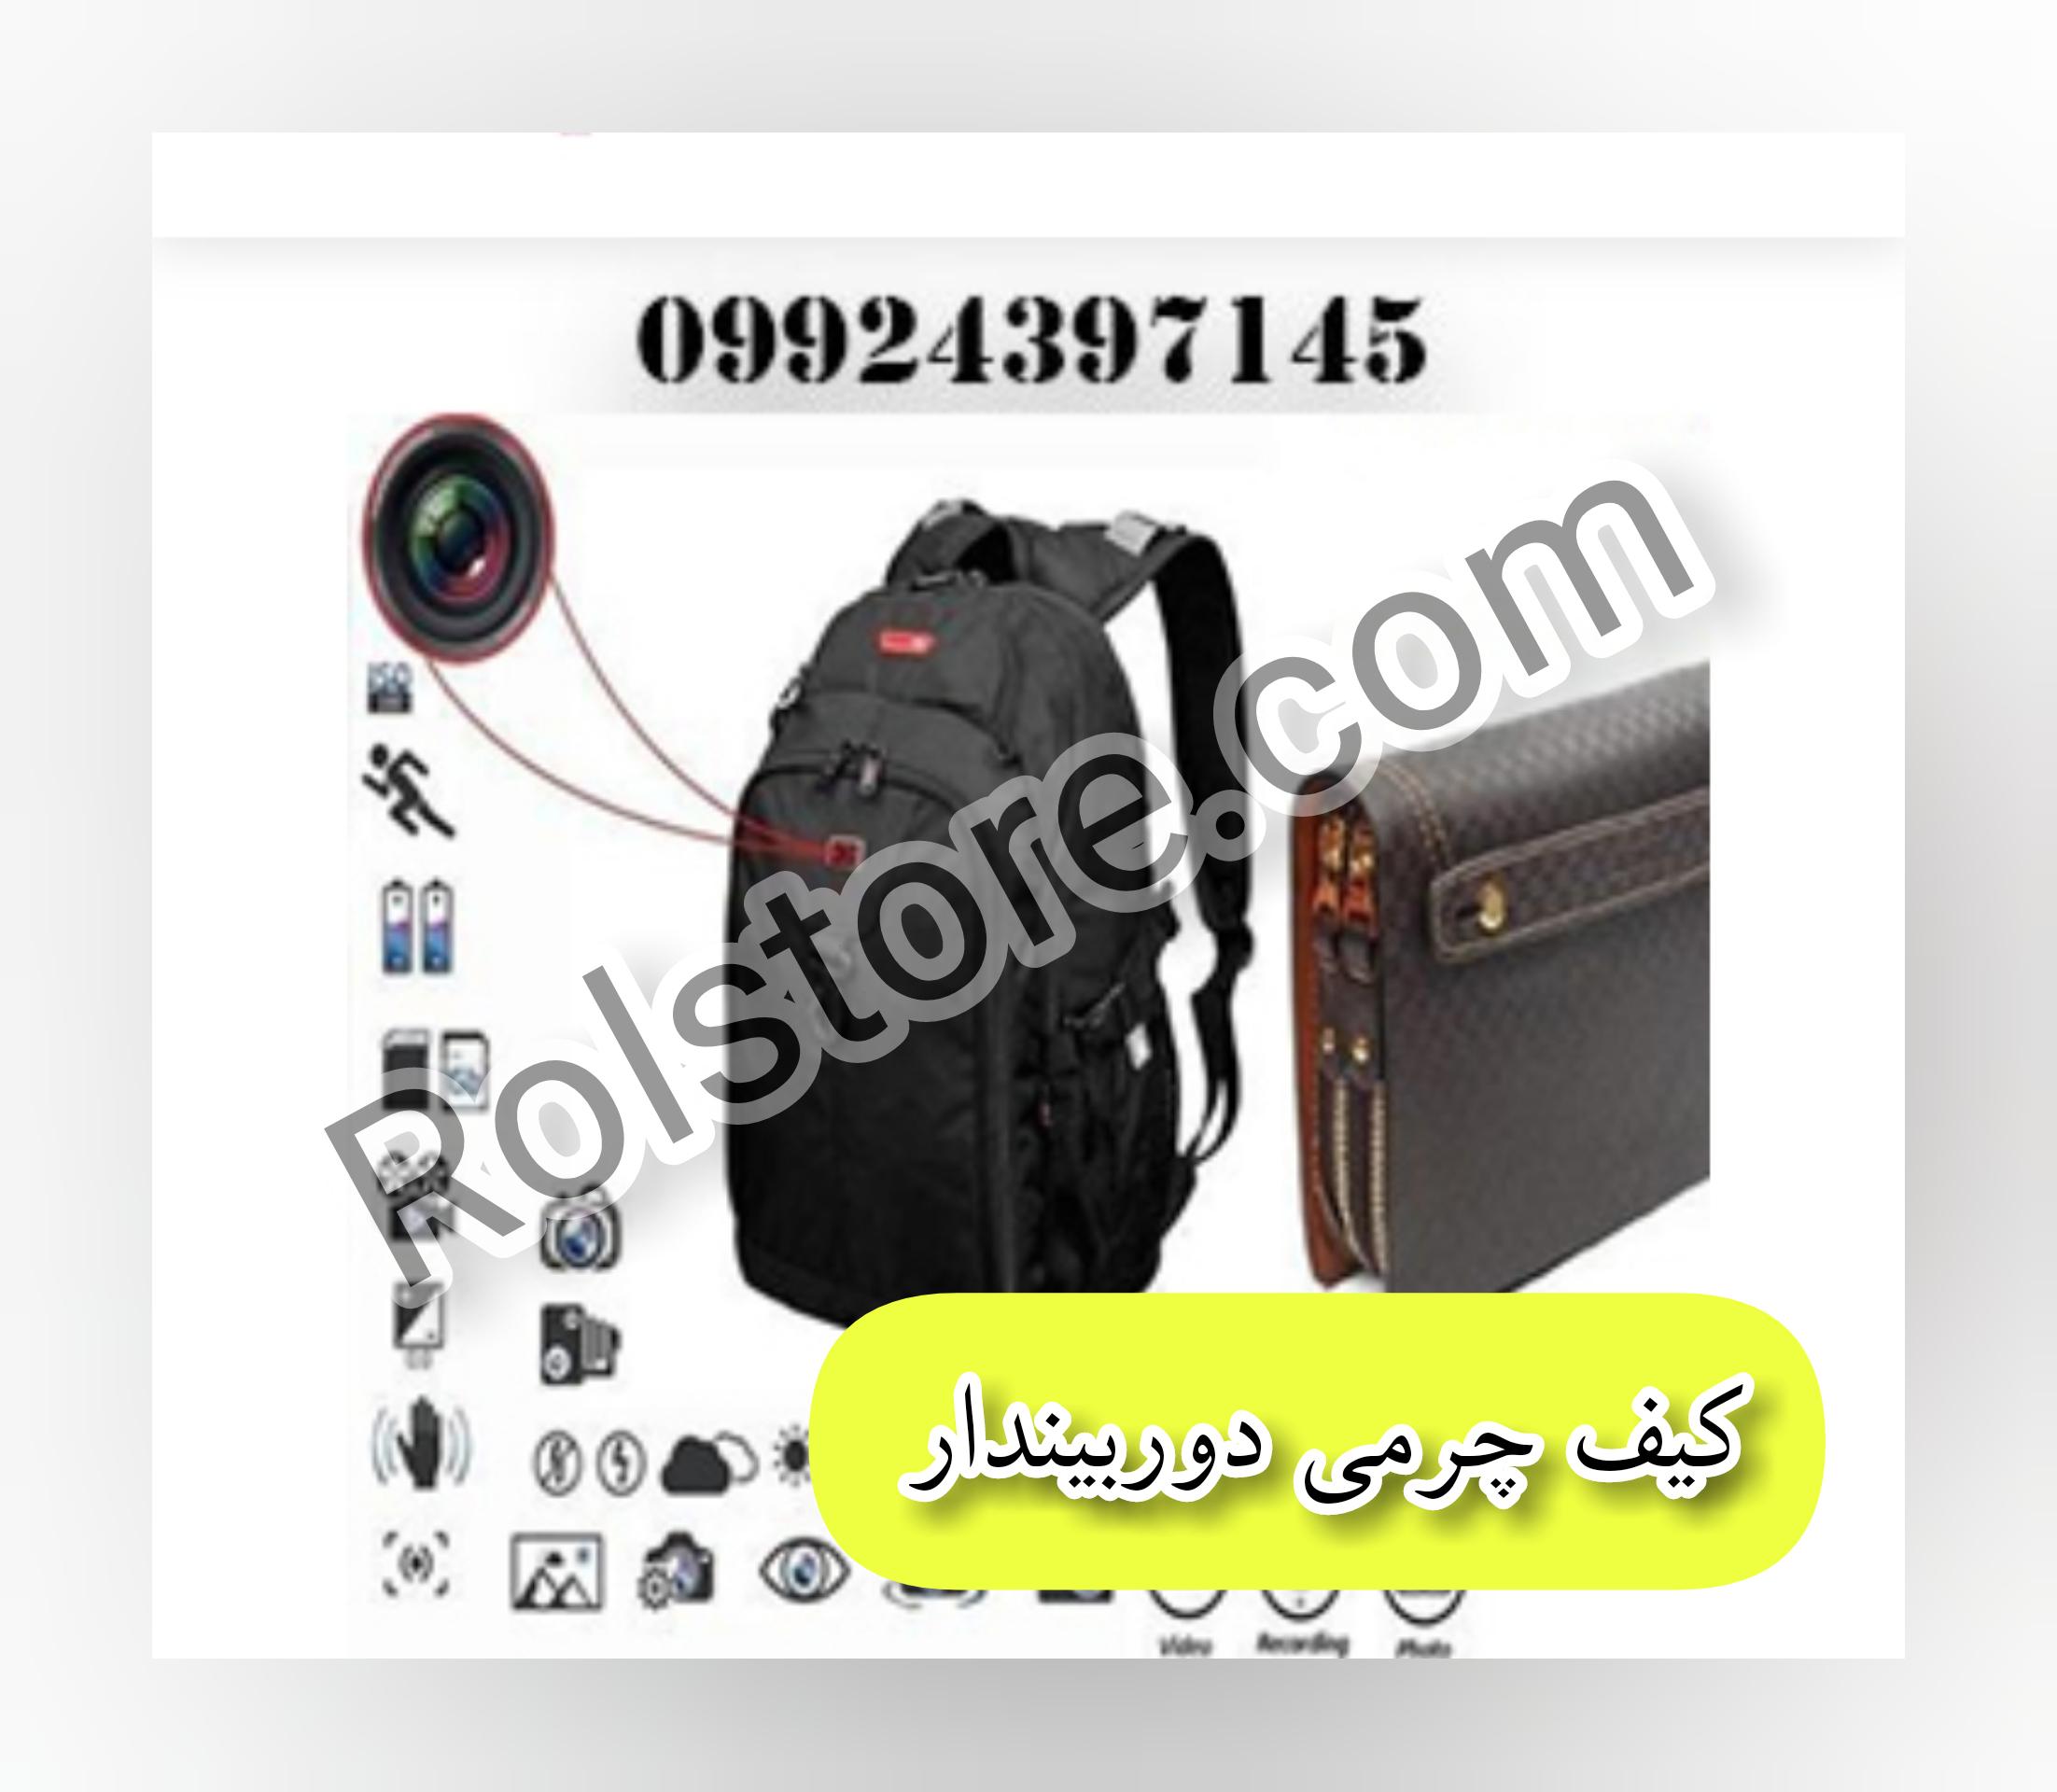 کیف دستی چرمی دوربین دار/۰۹۹۲۴۳۹۷۱۴۵/کیف دوربیندار